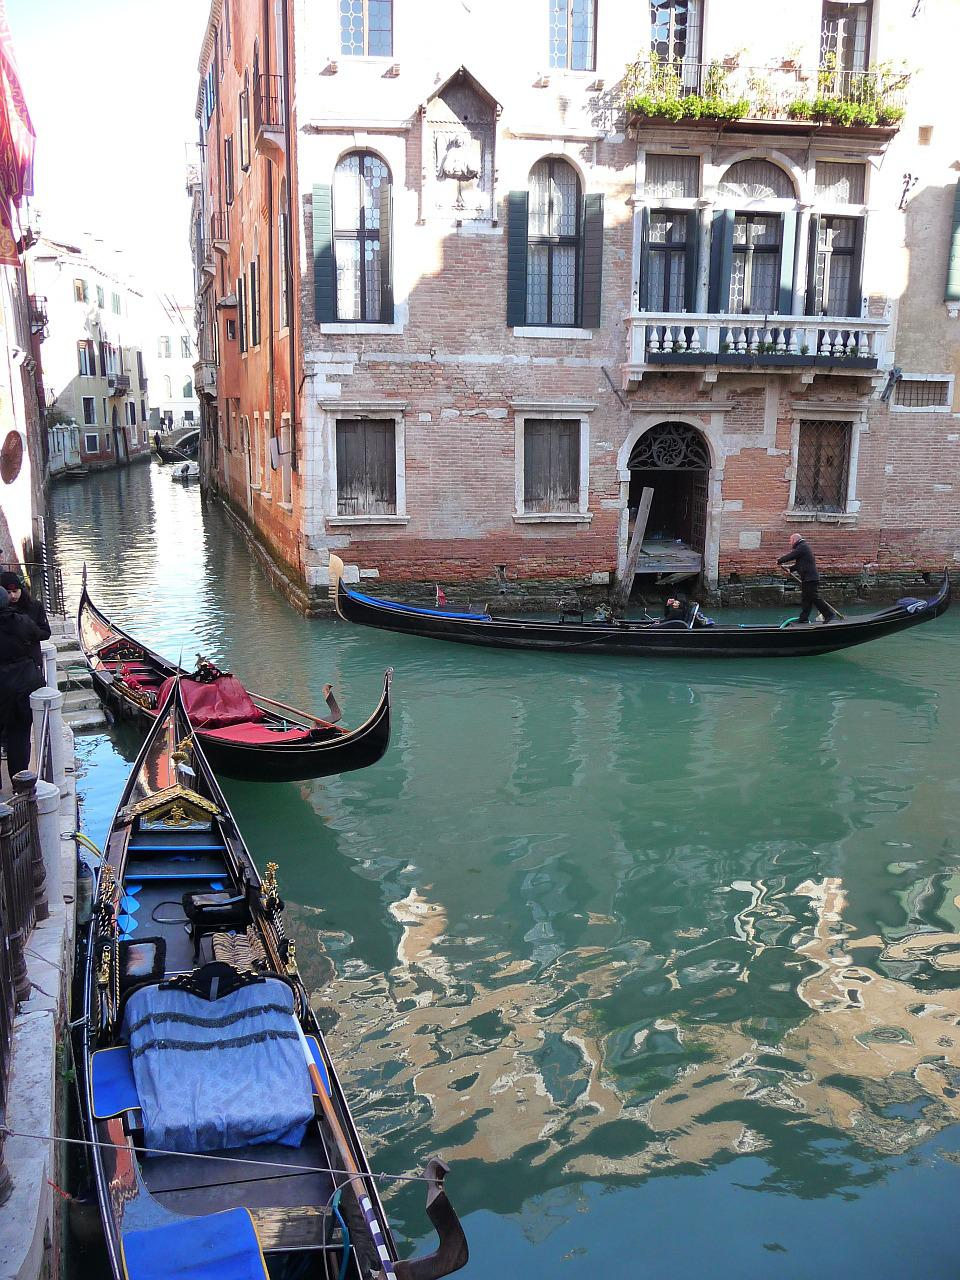 венецианские гондолы картинки самая злокачественная